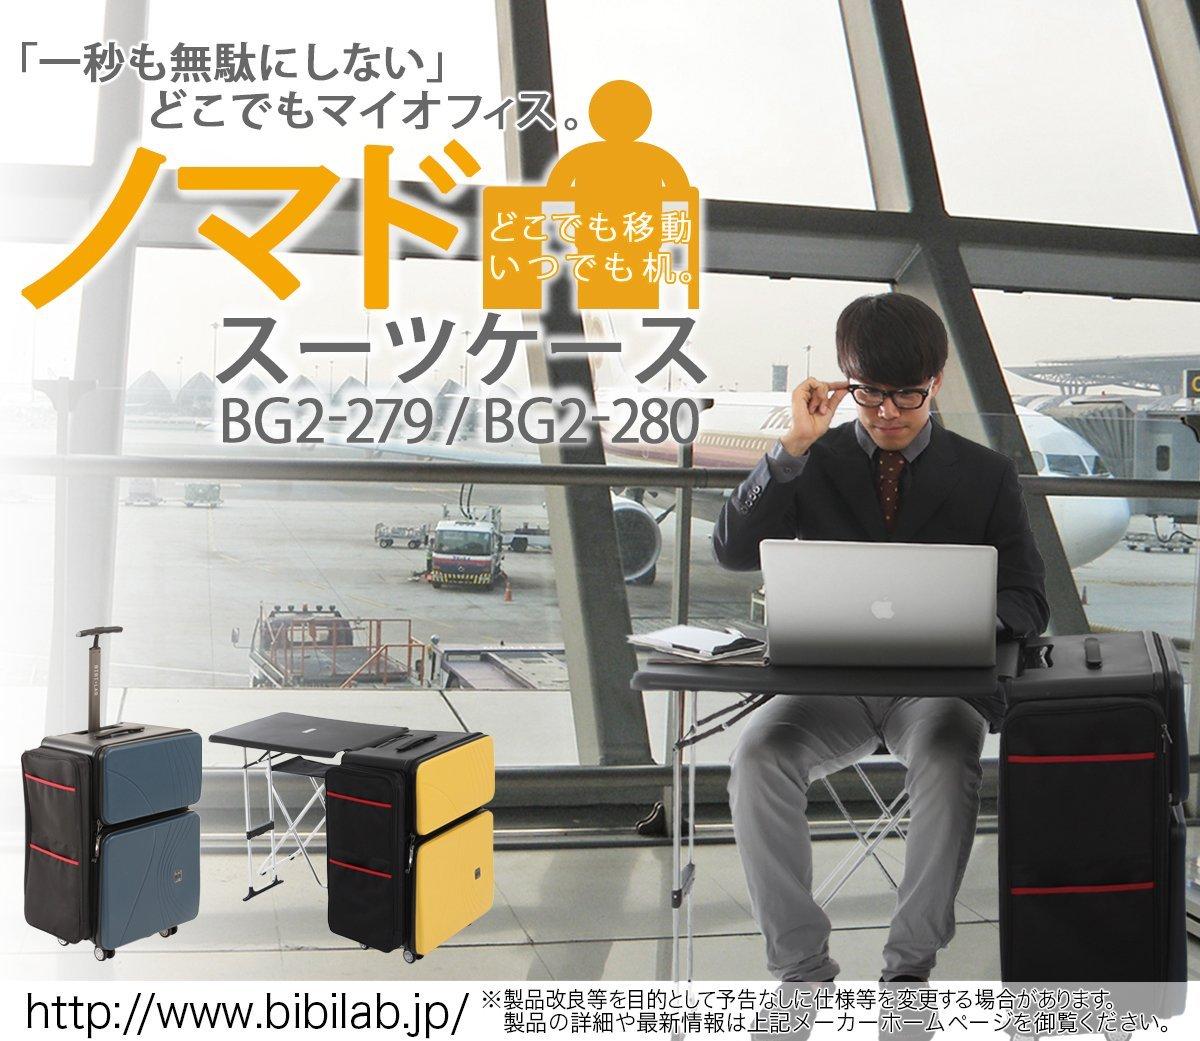 折りたたみデスクが内蔵されているスーツケースだと!?どこでもいつでもボードゲームできるぞ! (8)